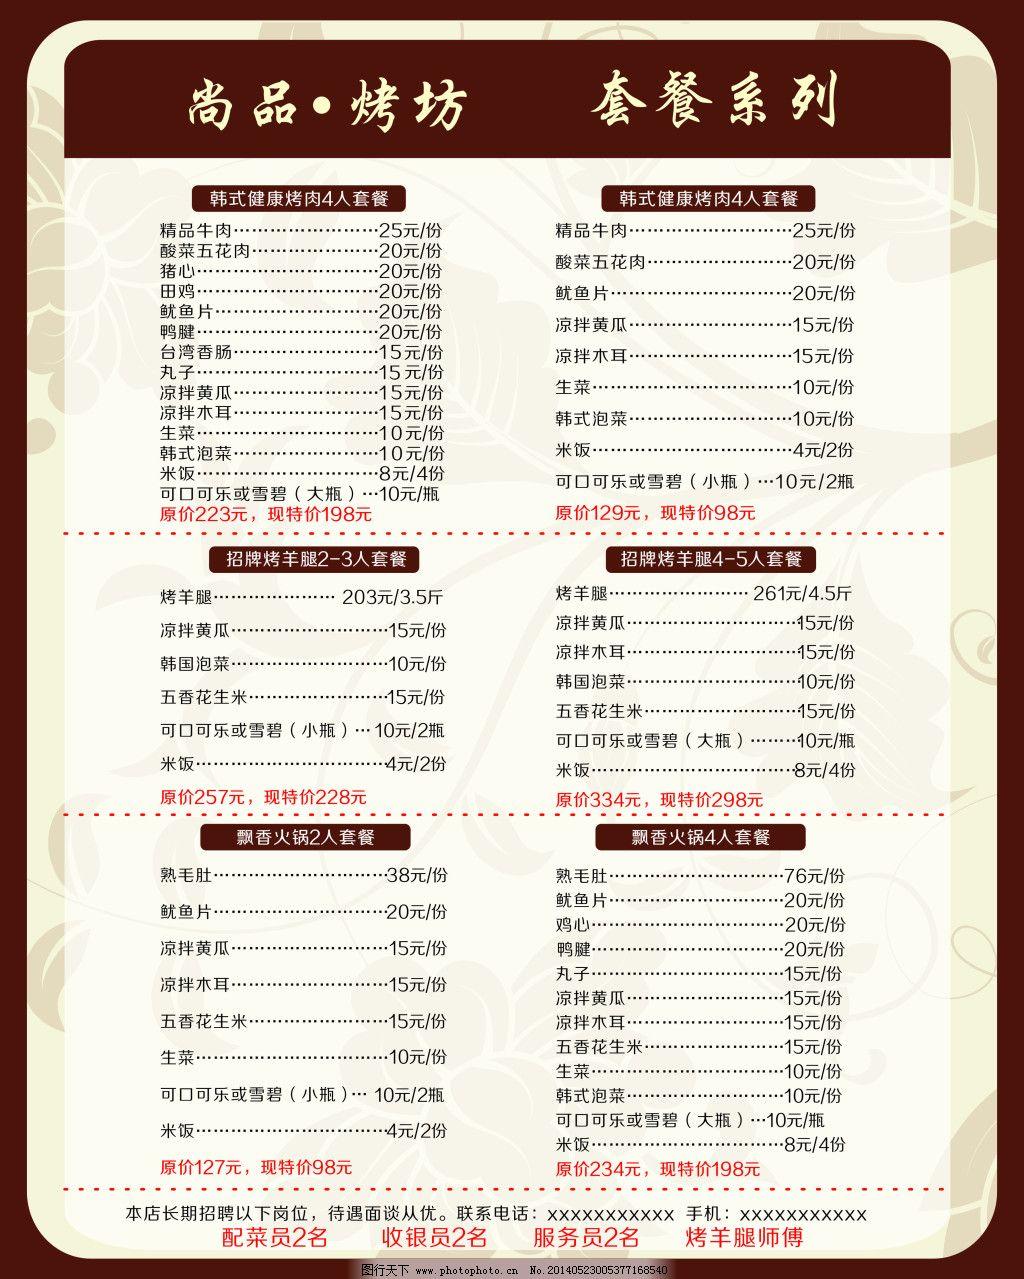 菜单免费下载 菜单 咖啡色 烧烤 套餐 菜单 咖啡色 烧烤 烤坊 套餐